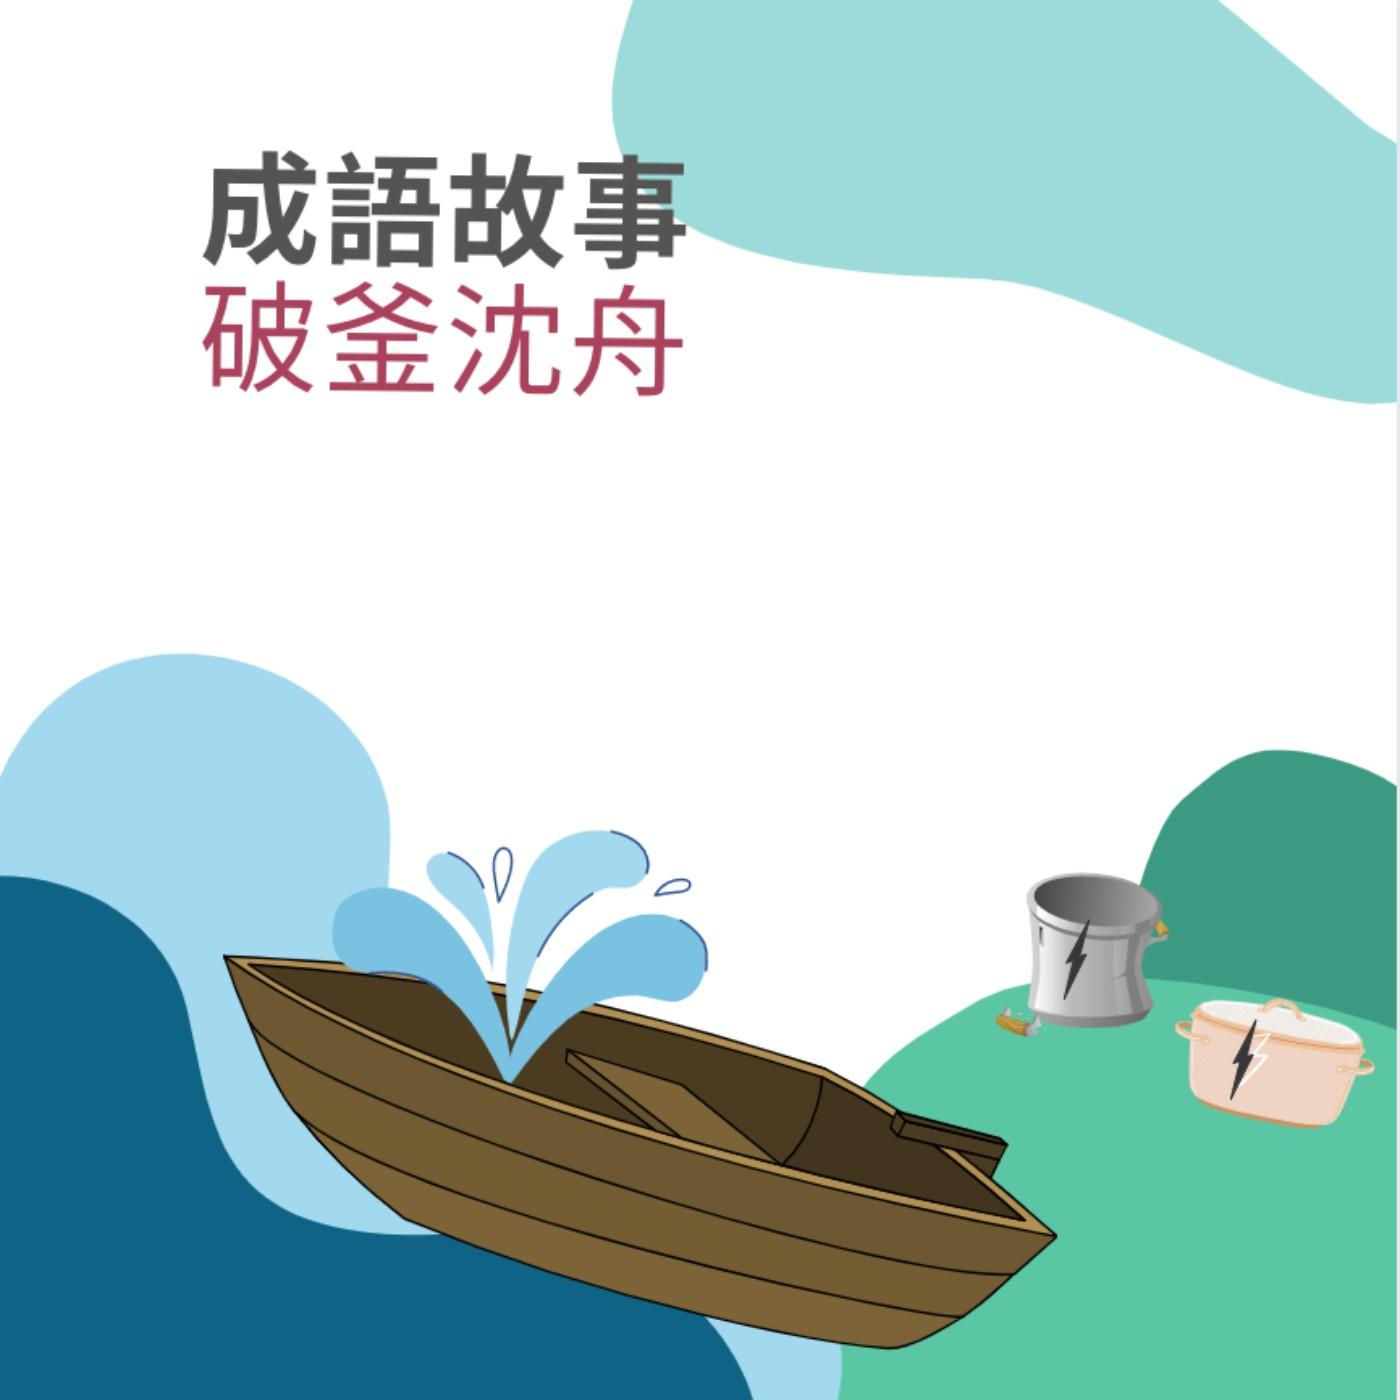 成語典故:破釜沉舟